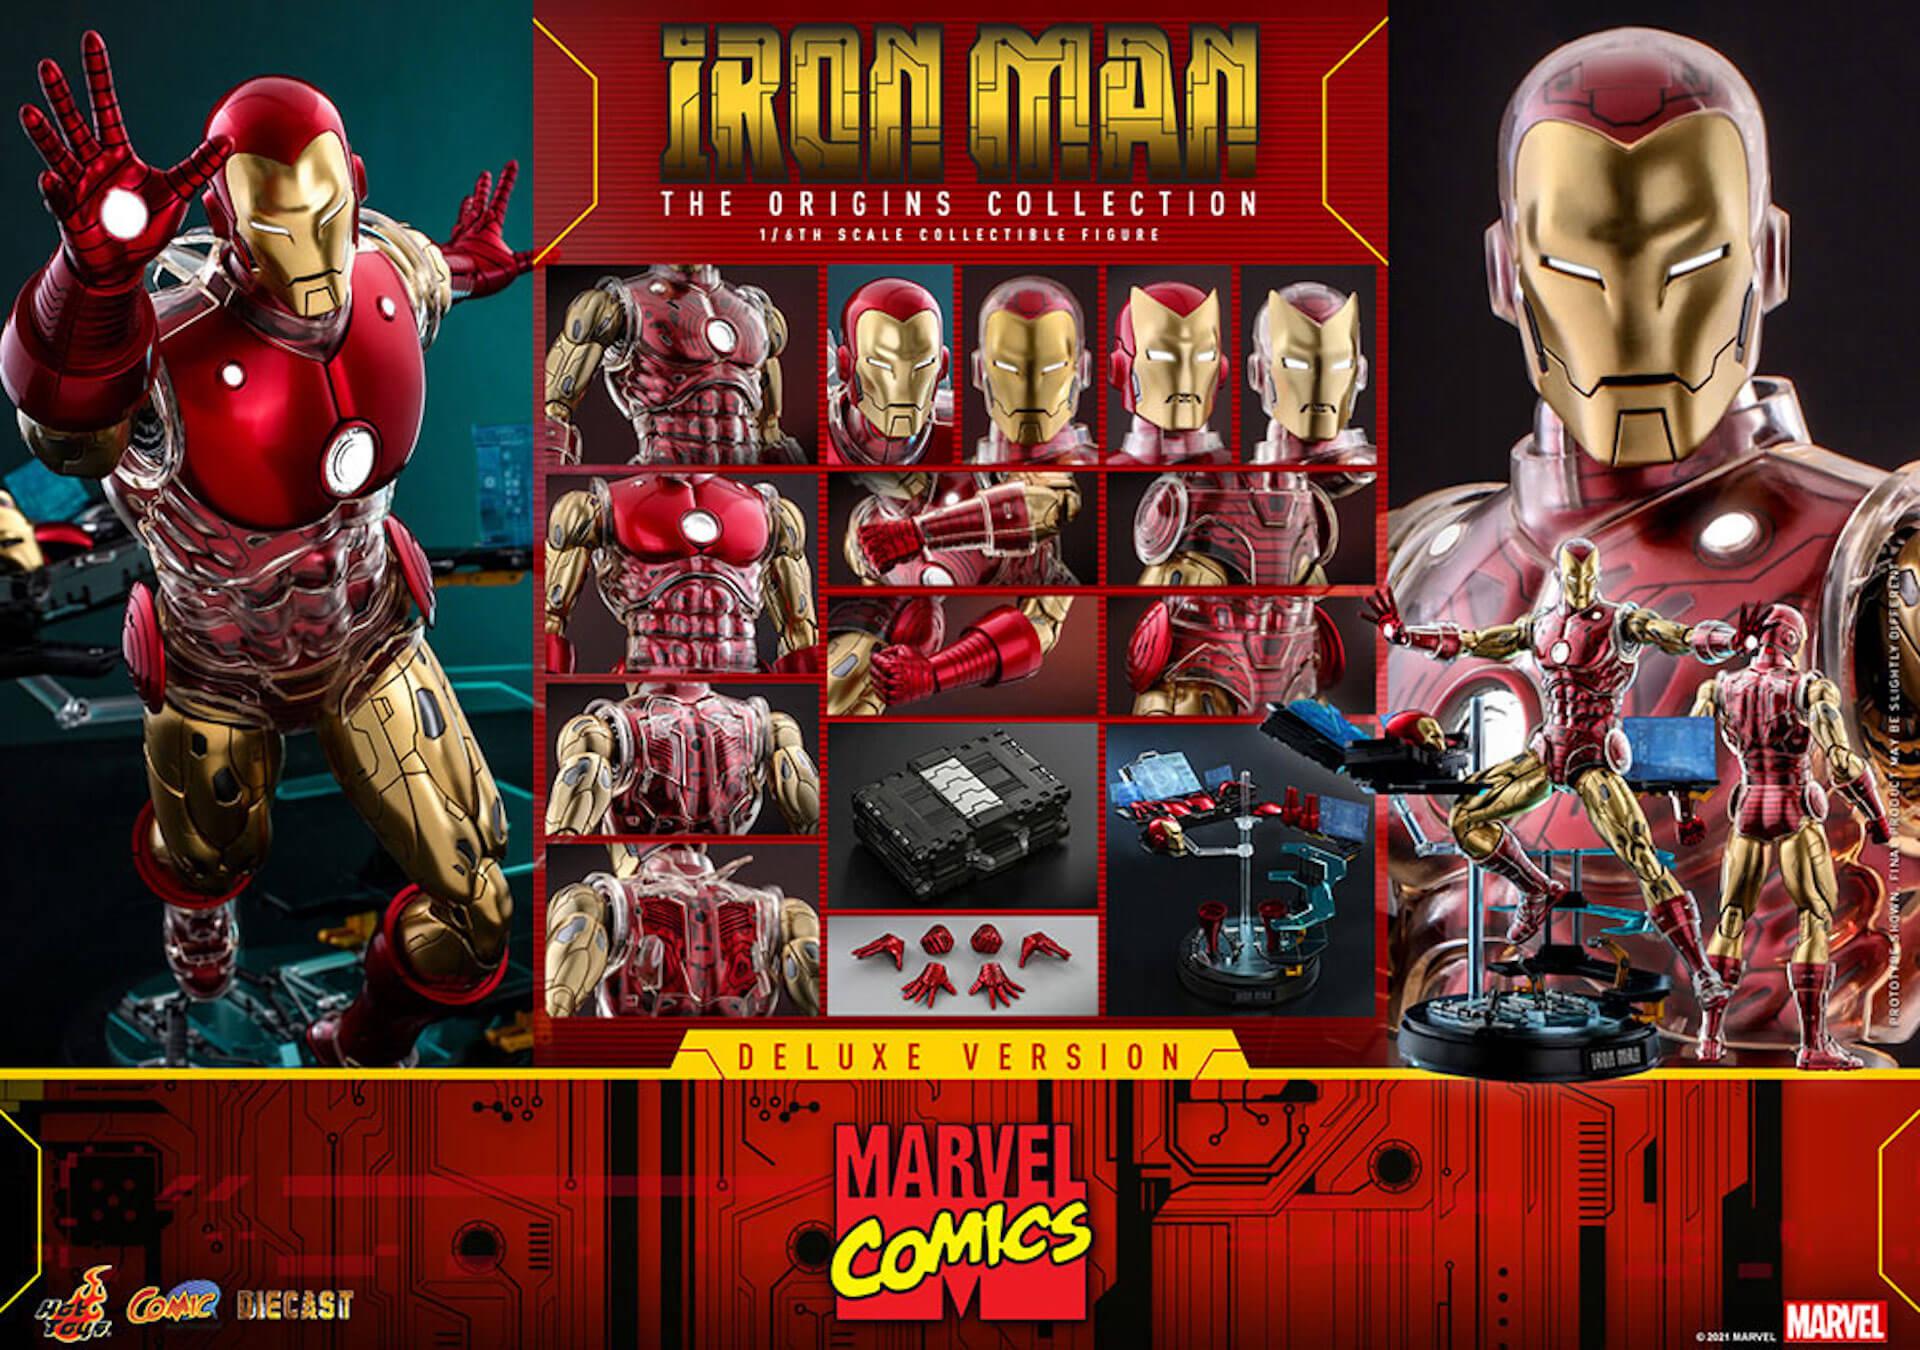 マーベルコミック版のアイアンマンをリアルに再現!ホットトイズ「コミック・マスターピース DIECAST」に登場 art210414_ironman_hottoys_2